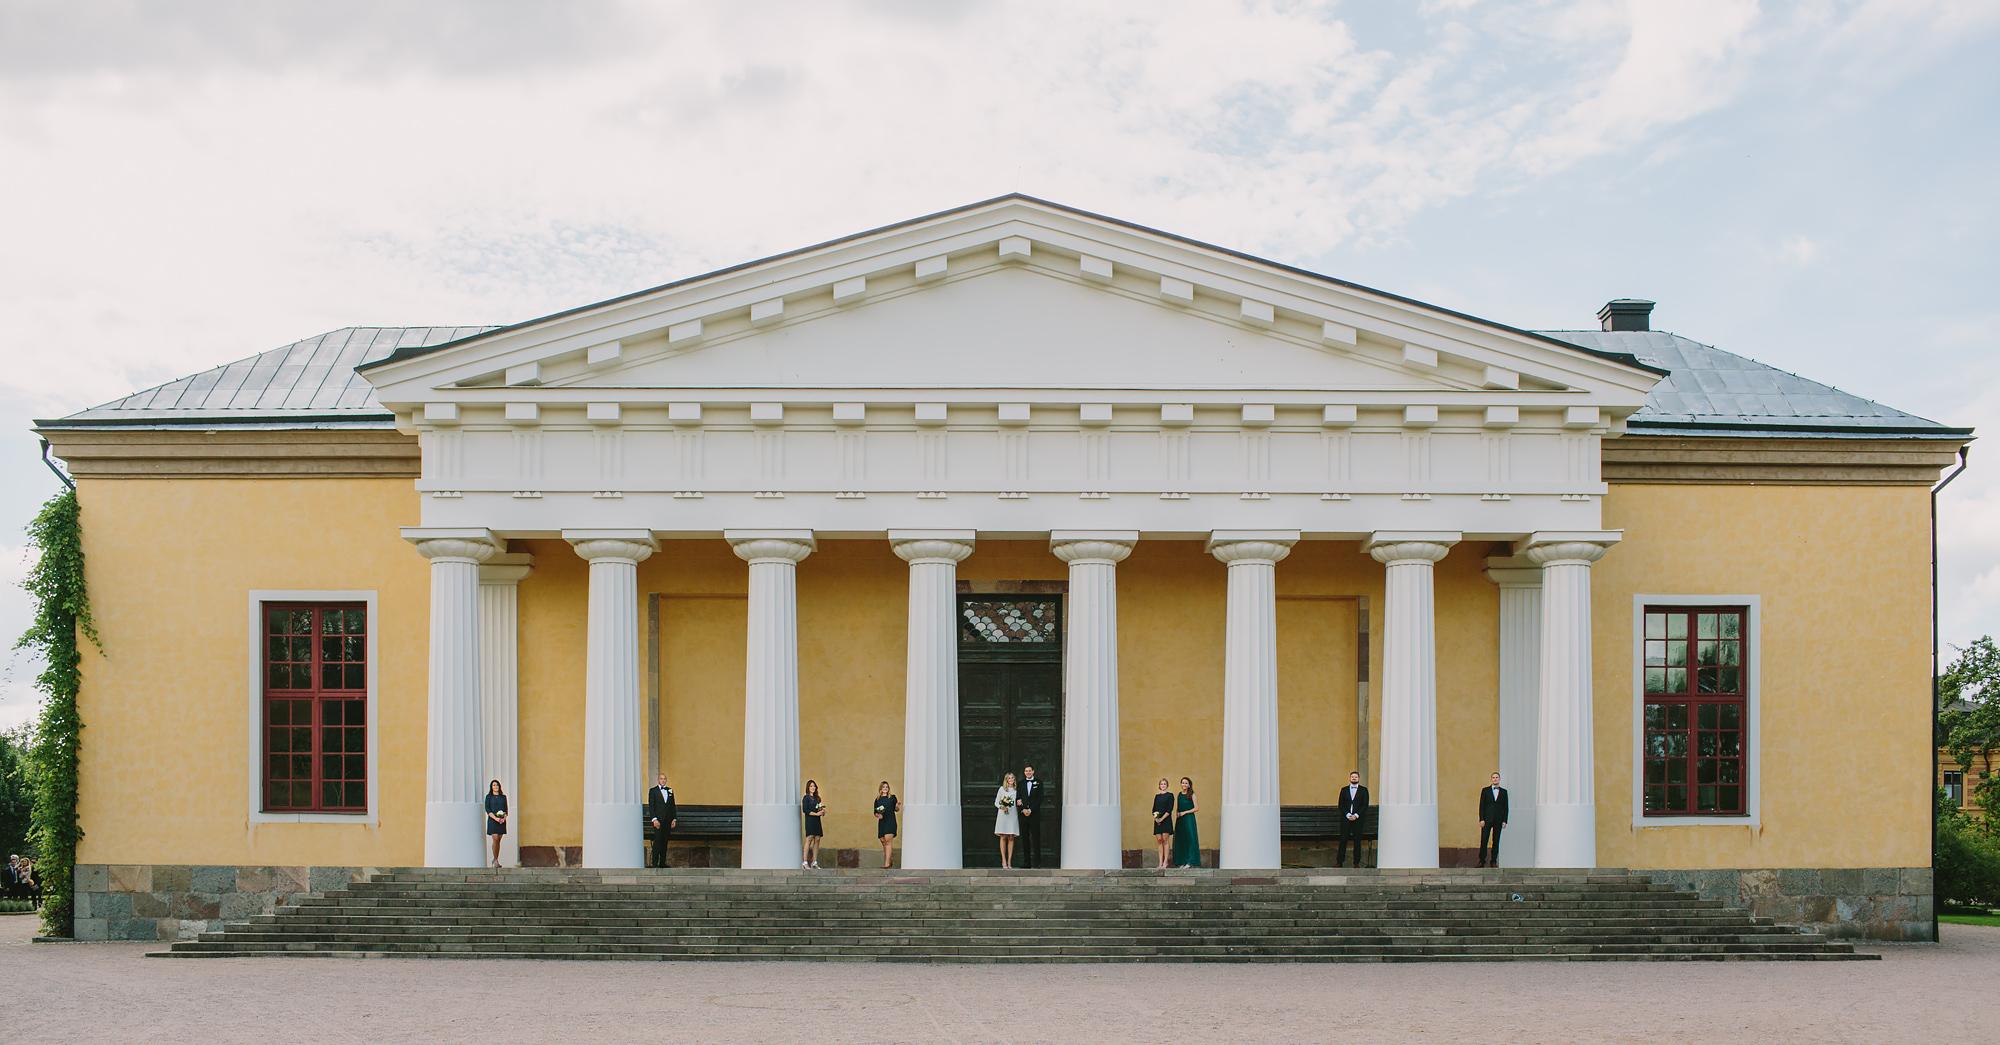 Bröllopsfotograf Uppsala Gruppbild vid orangeriet i slottsträd